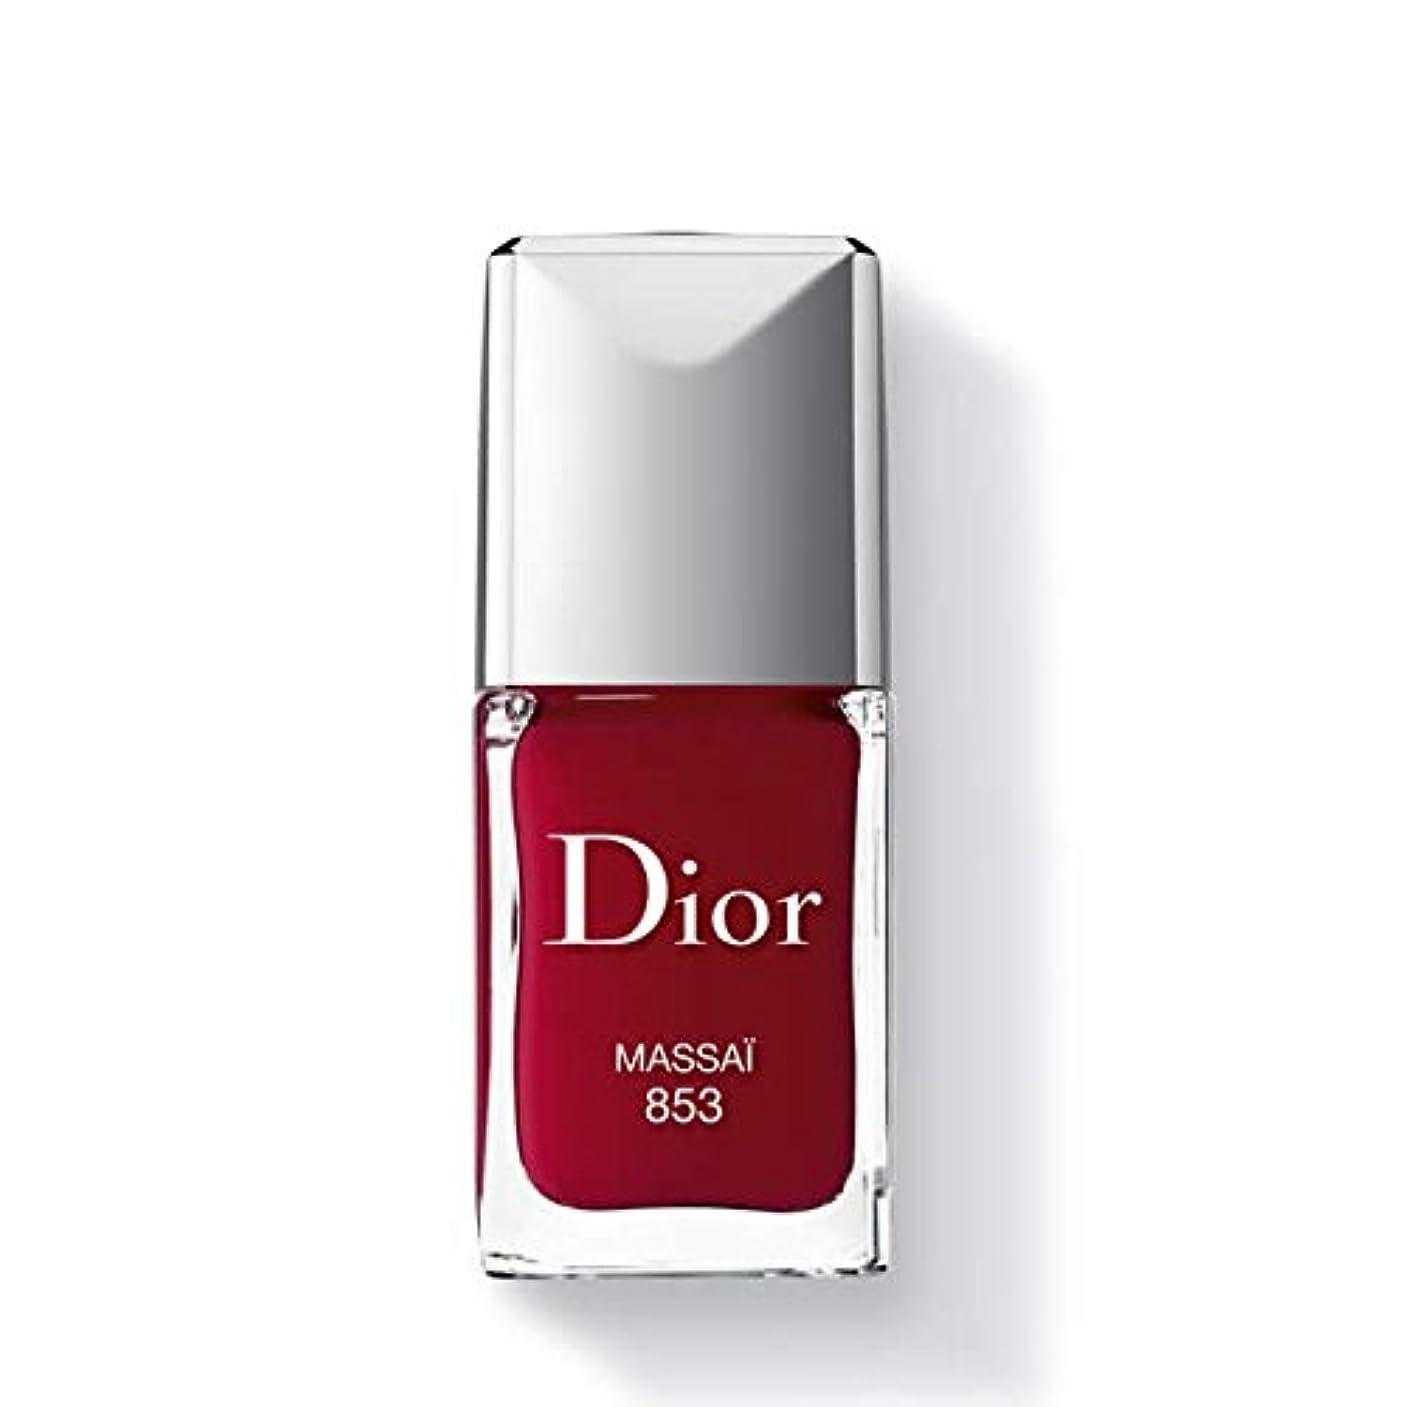 早める論理的歴史Dior ディオールヴェルニ #853 マサイ 10ml [207997] [並行輸入品]